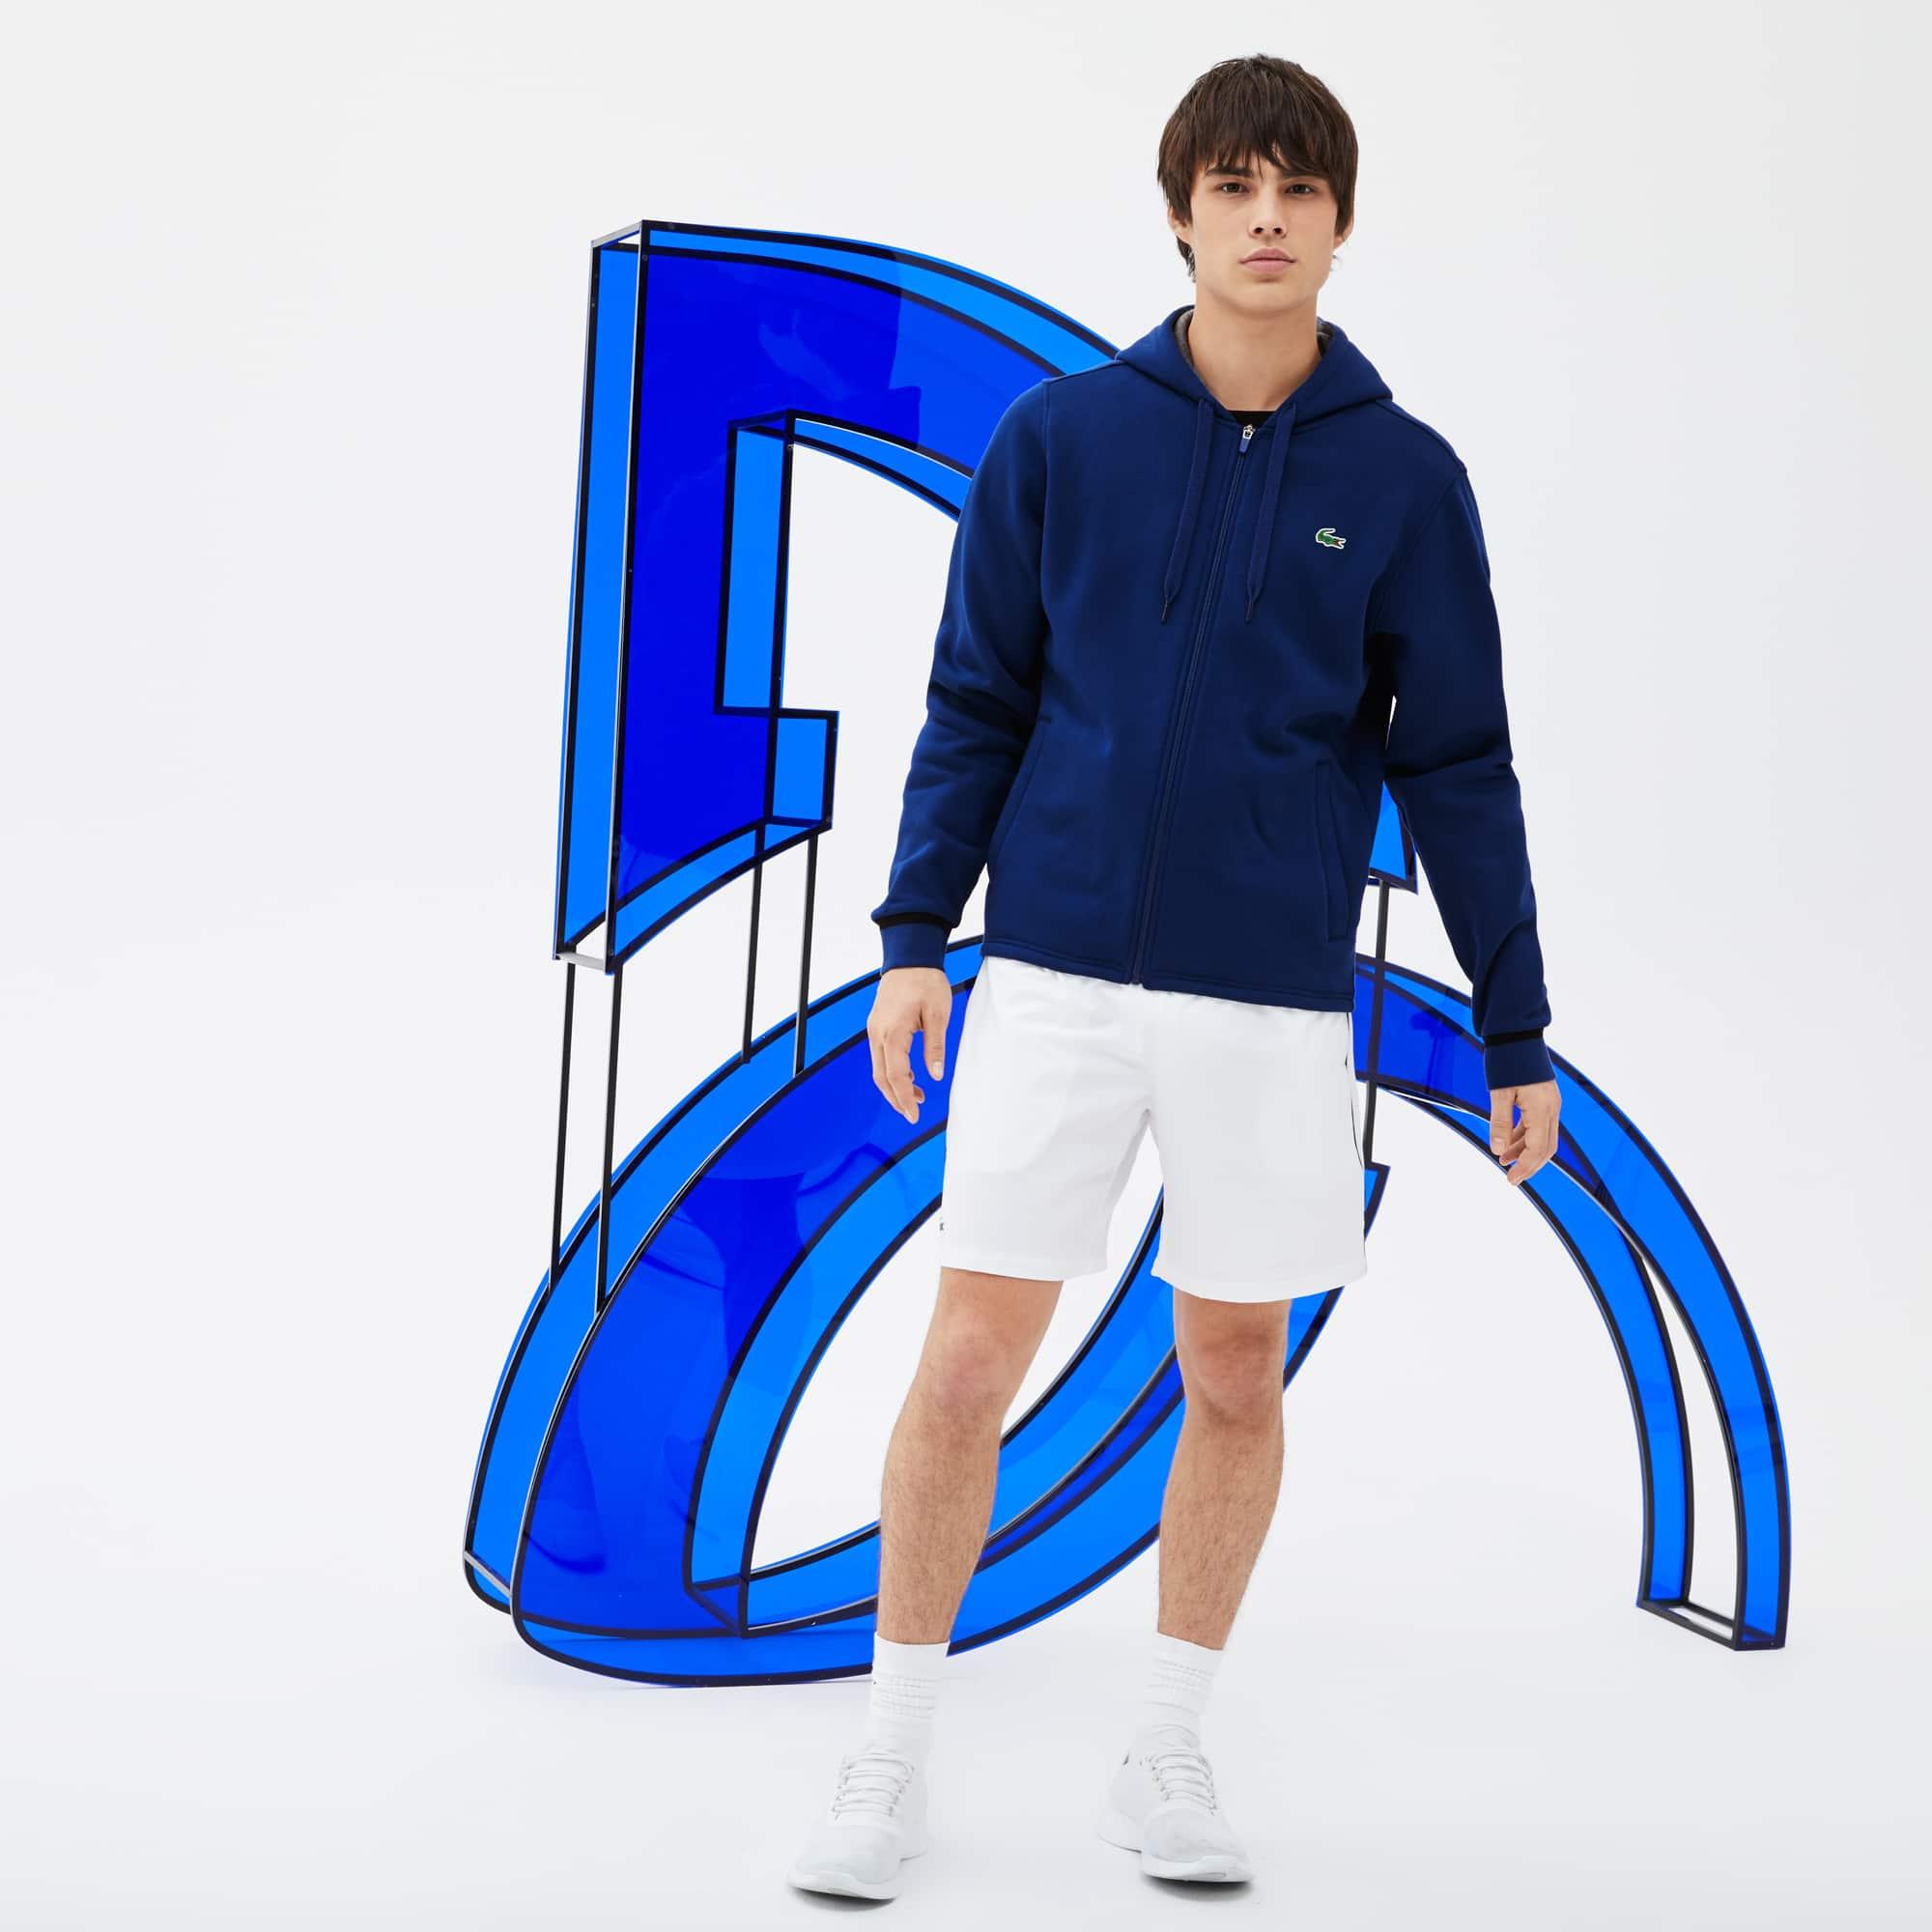 Men's Lacoste SPORT Hooded Fleece Zip Sweatshirt - Novak Djokovic Supporter Collection